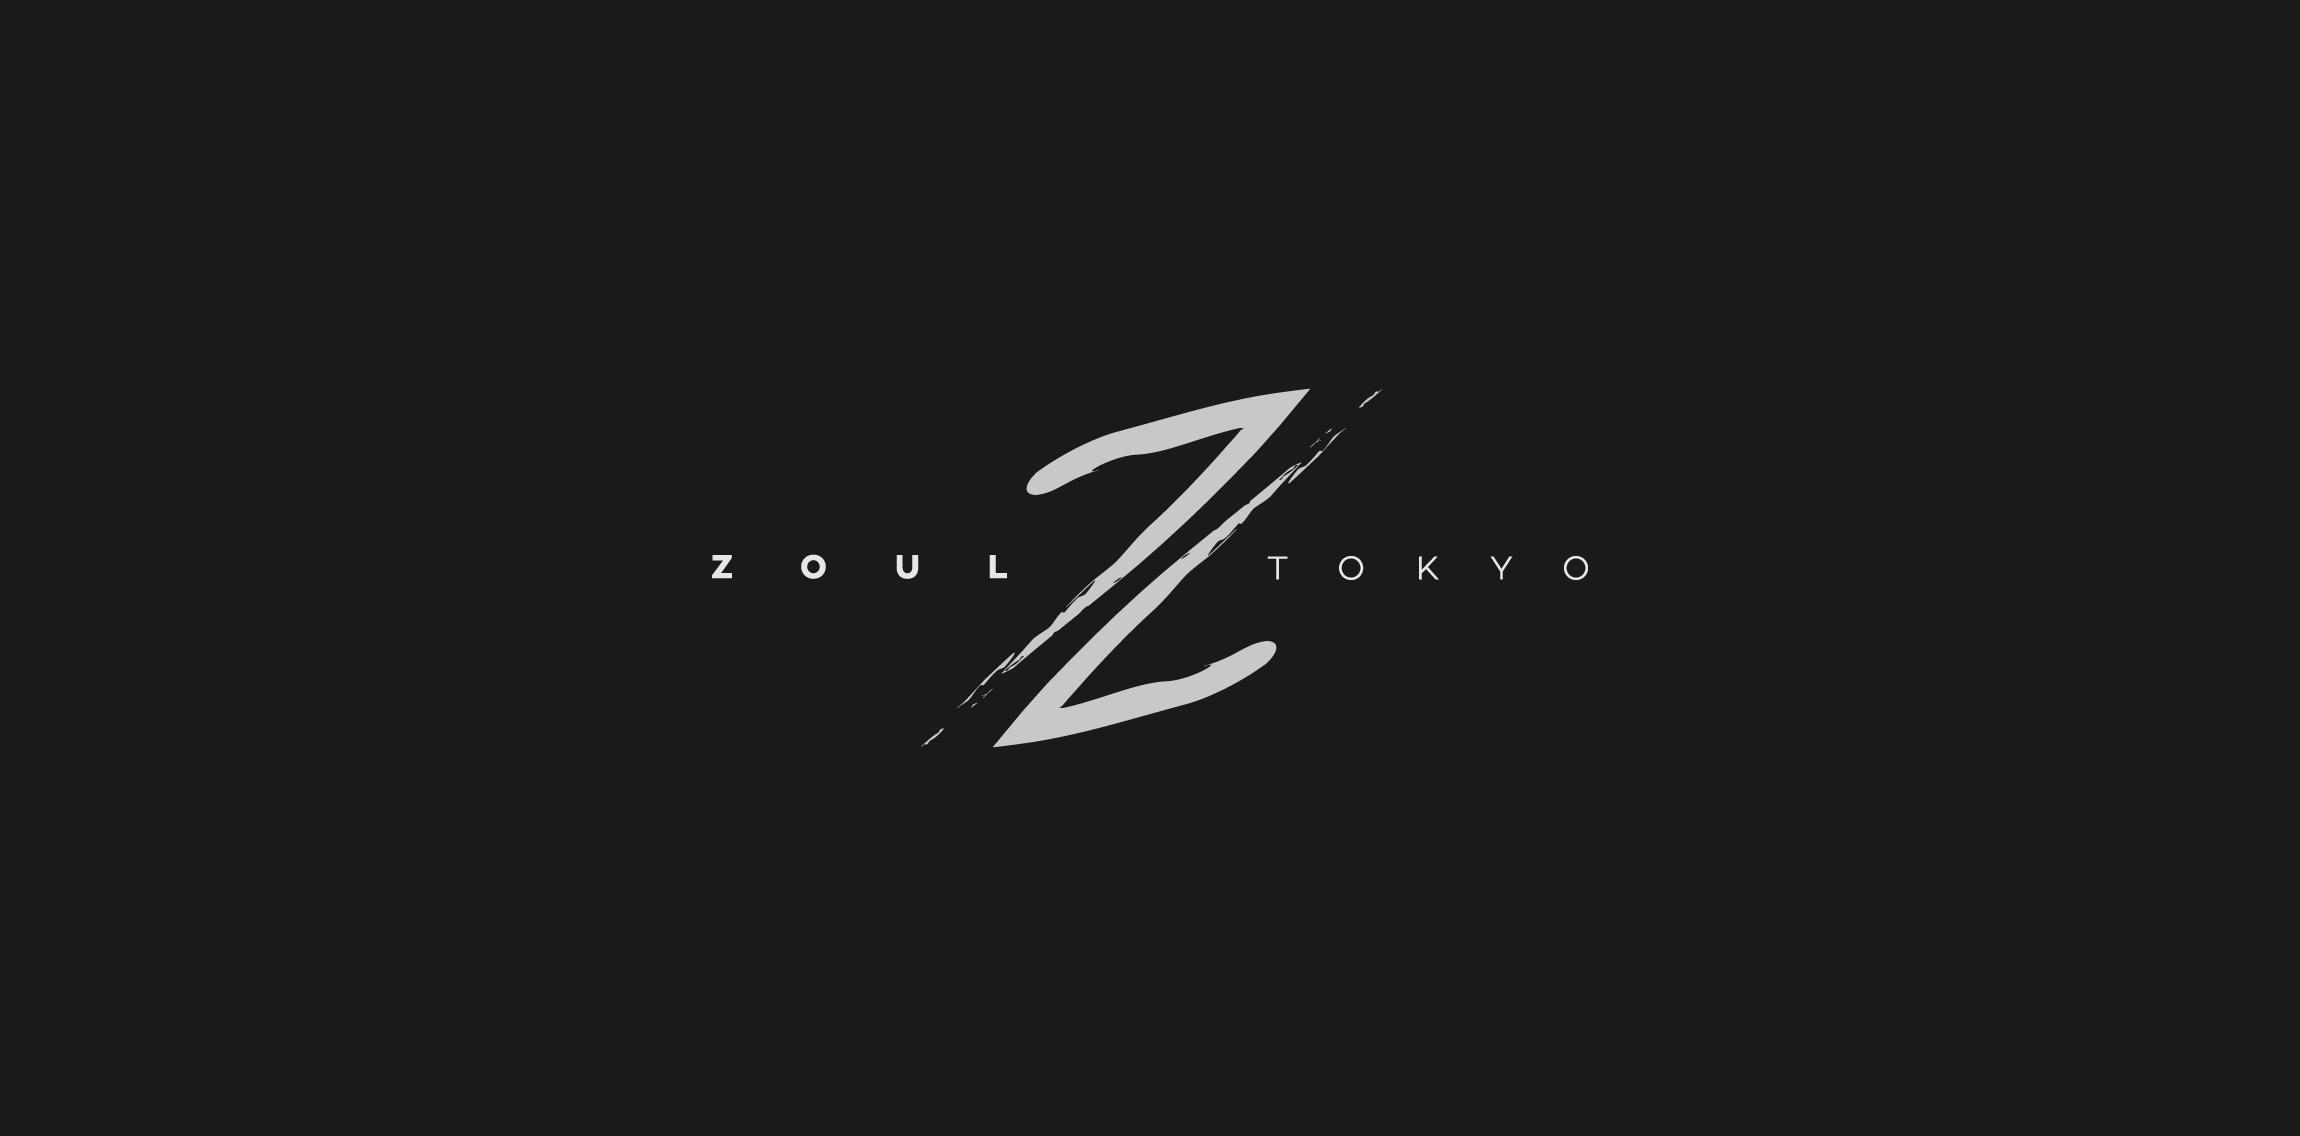 Zoul Tokyo